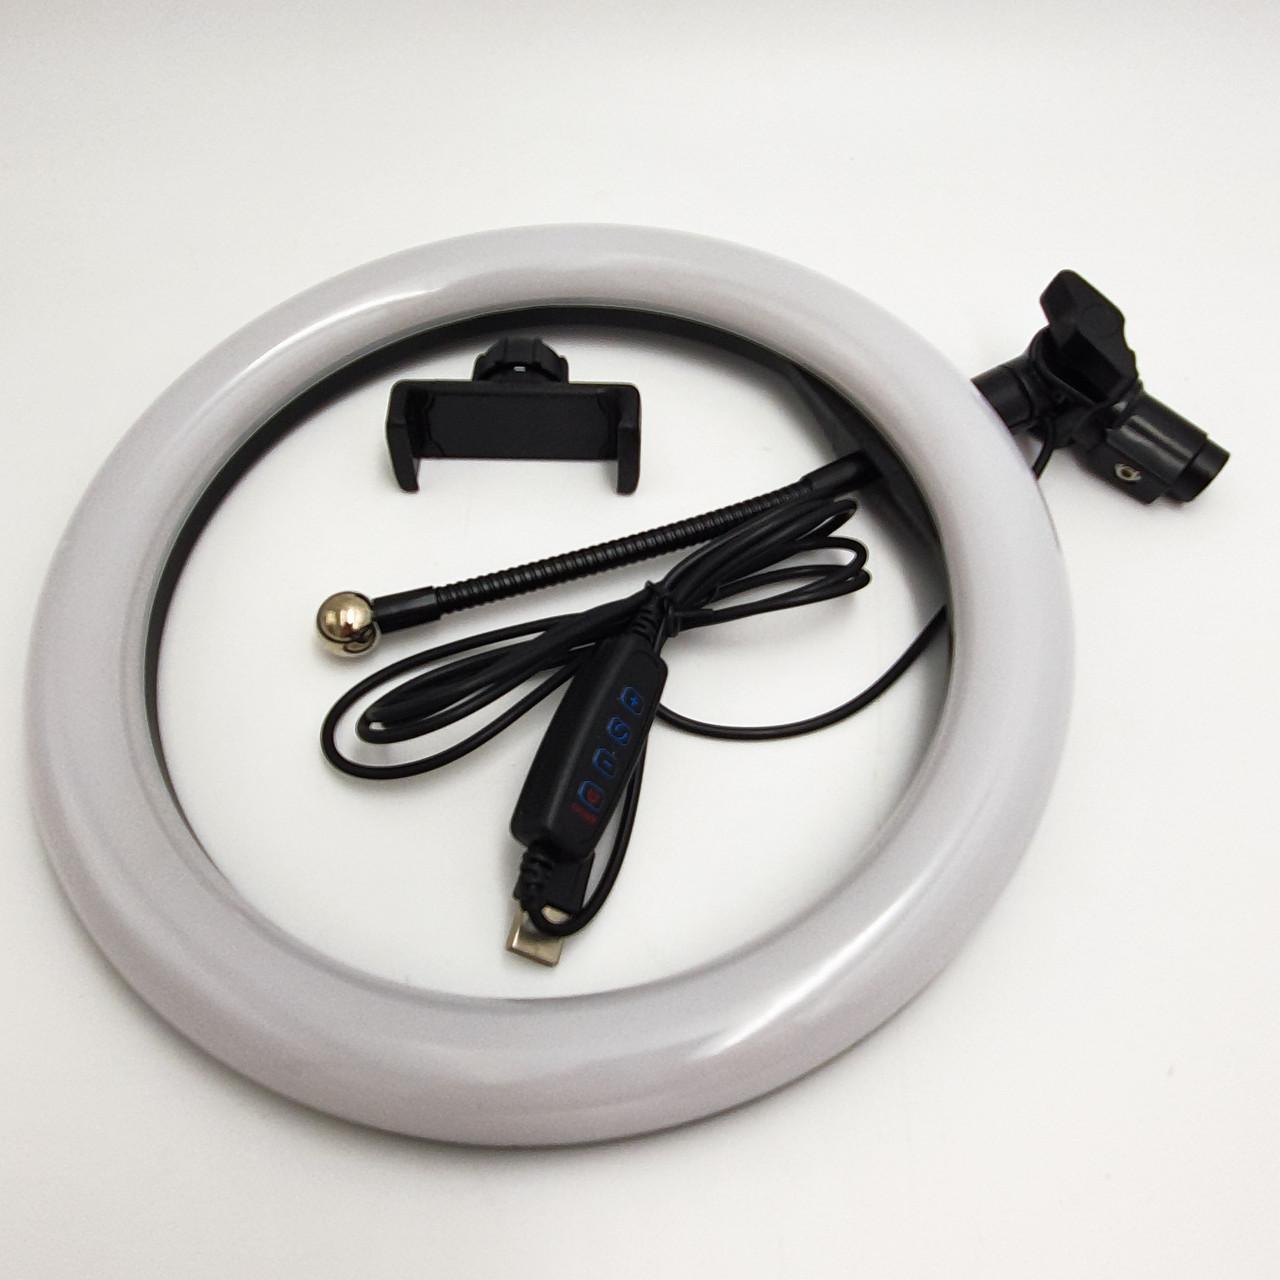 Кольцевая LED лампа 26 см 12 W с держателем для телефона селфи кольцо блогера 3 режима свечения